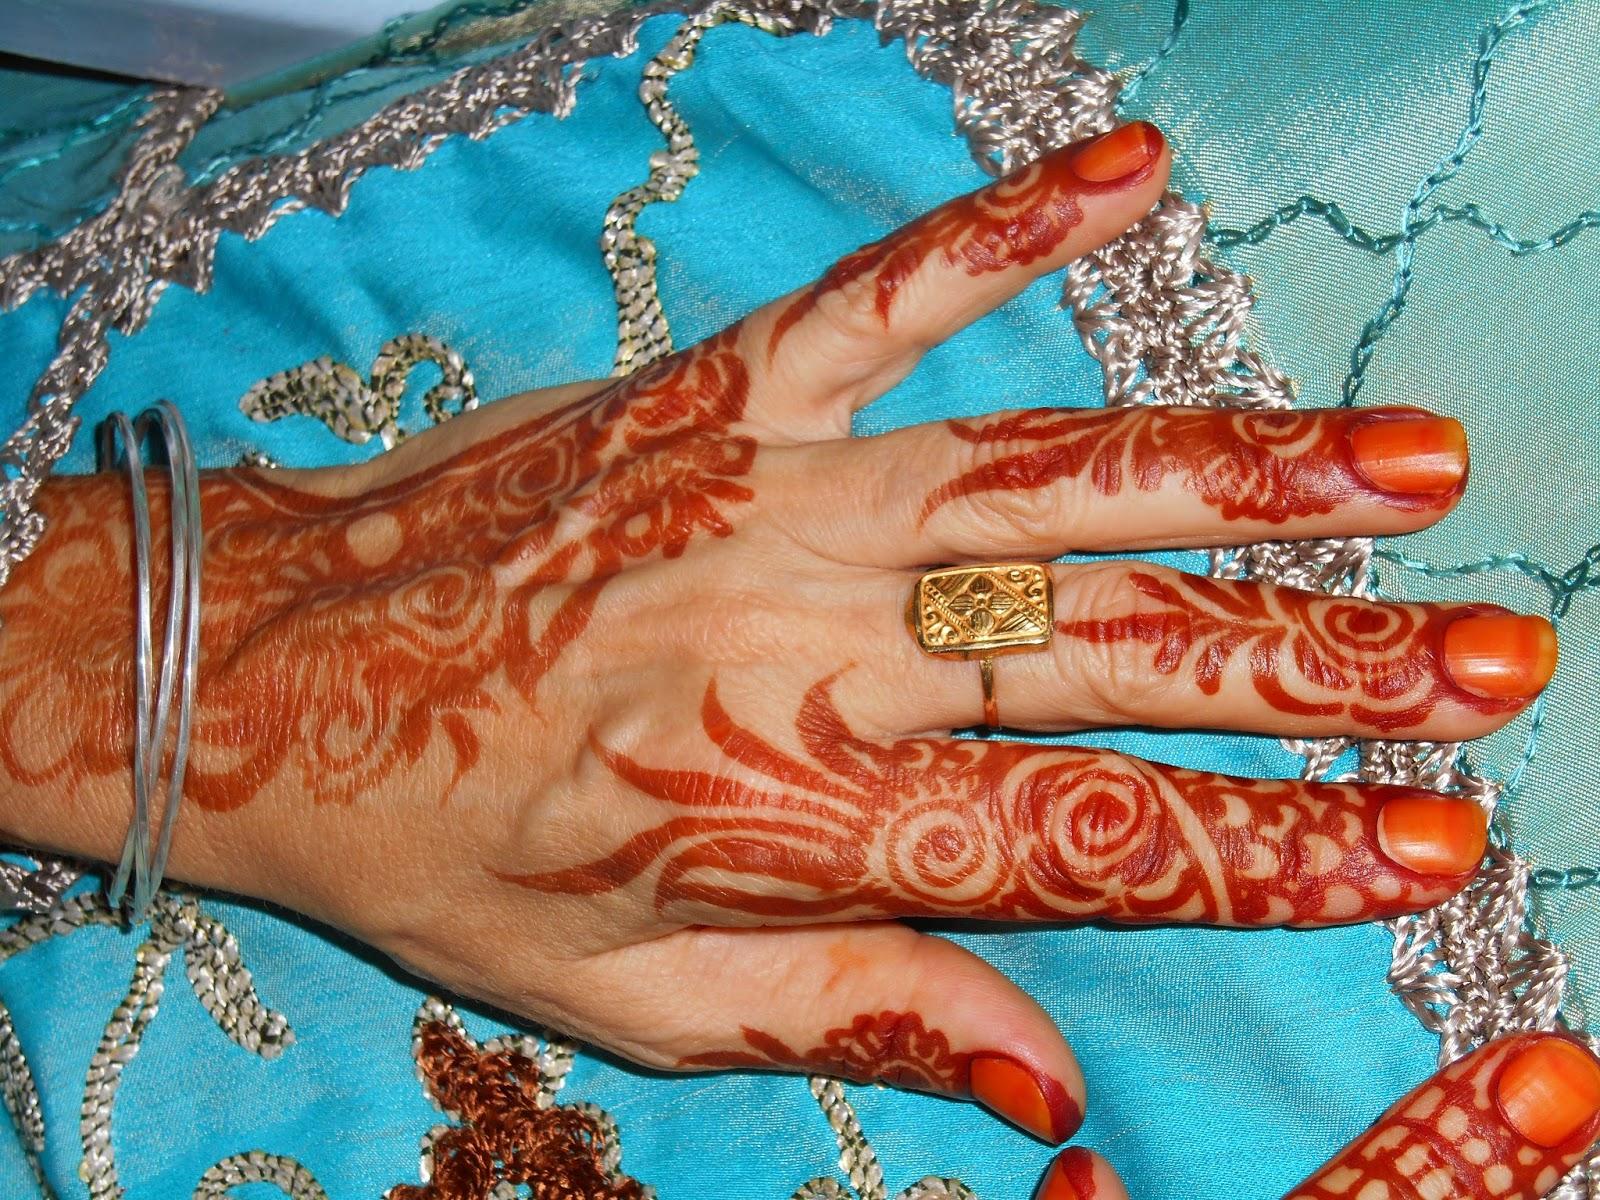 Randki bez małżeństwa kodhit